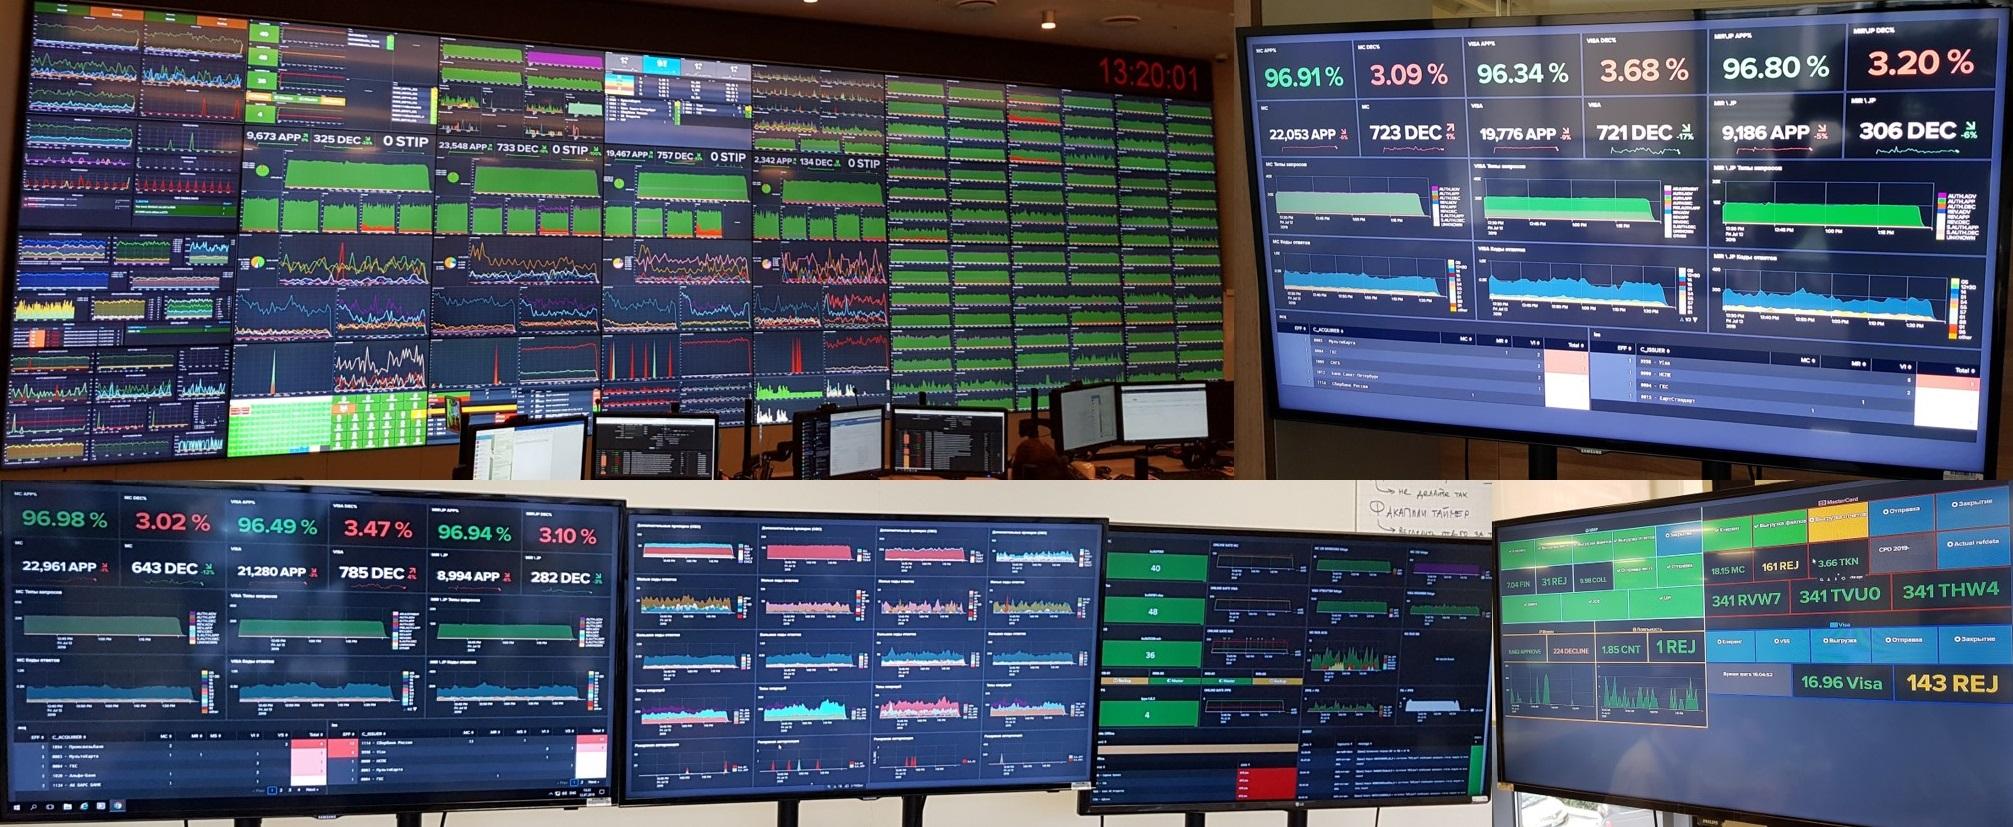 Как устроен прикладной и бизнес-мониторинг сервисов НСПК